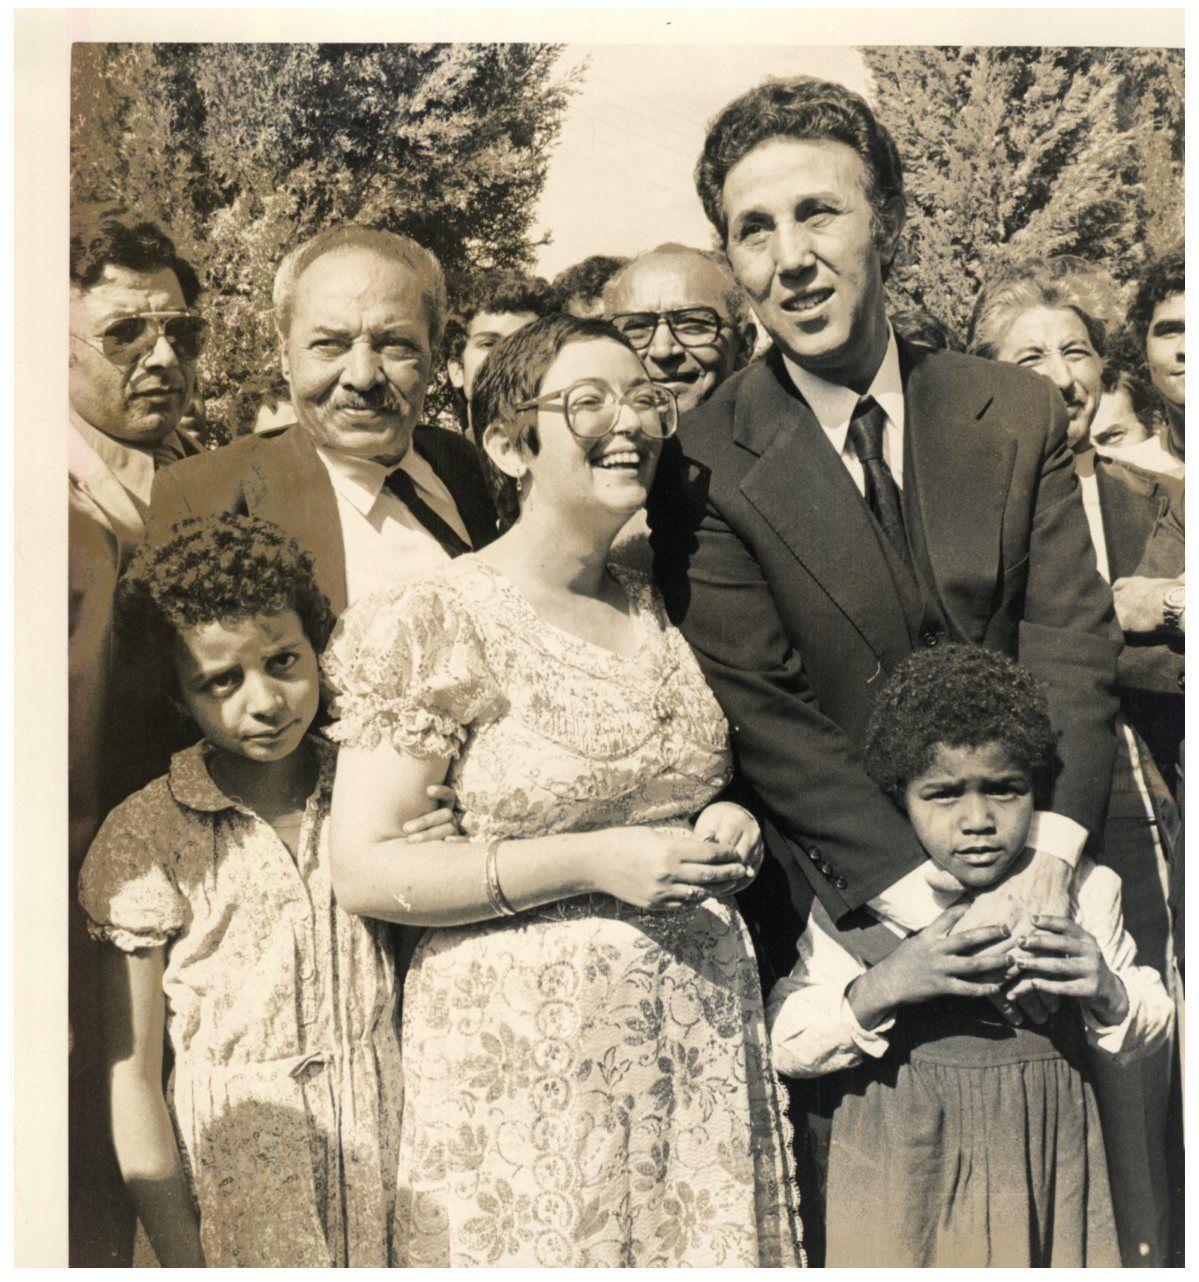 L Homme Politique Algerien Ahmed Ben Bella Vintage Print Tirage Arge Eur 49 00 Picclick Fr Portraits De Personnages Histoire Algerie Photo Algerie